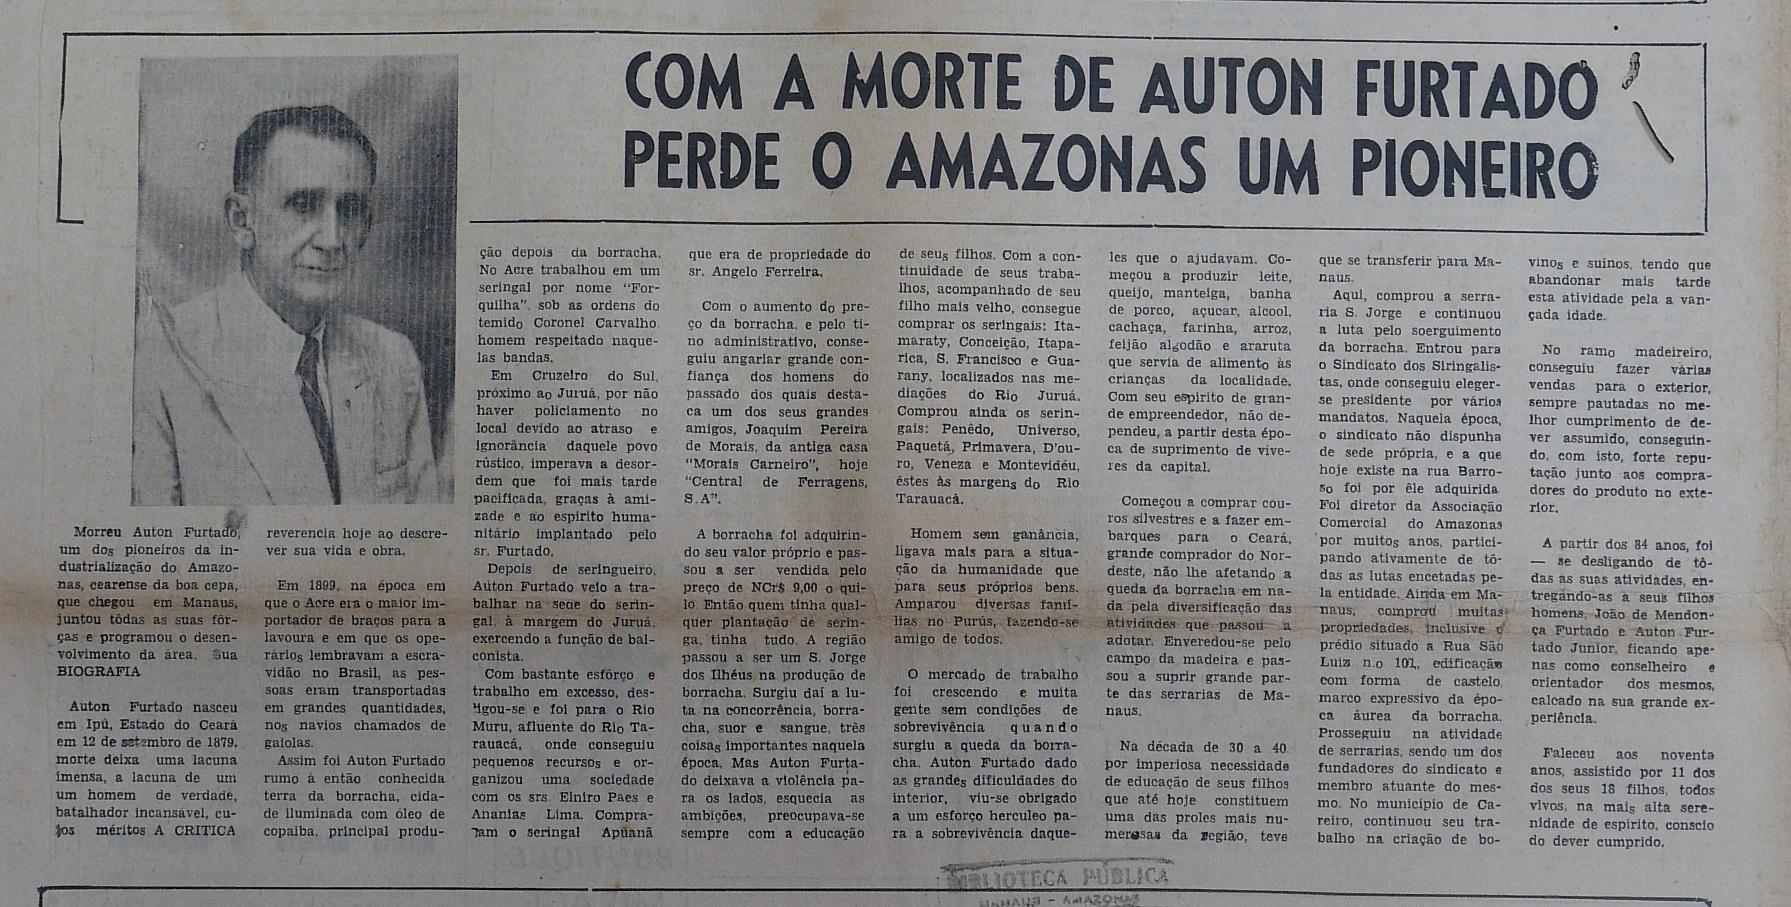 Amazonas perde Auton Furtado